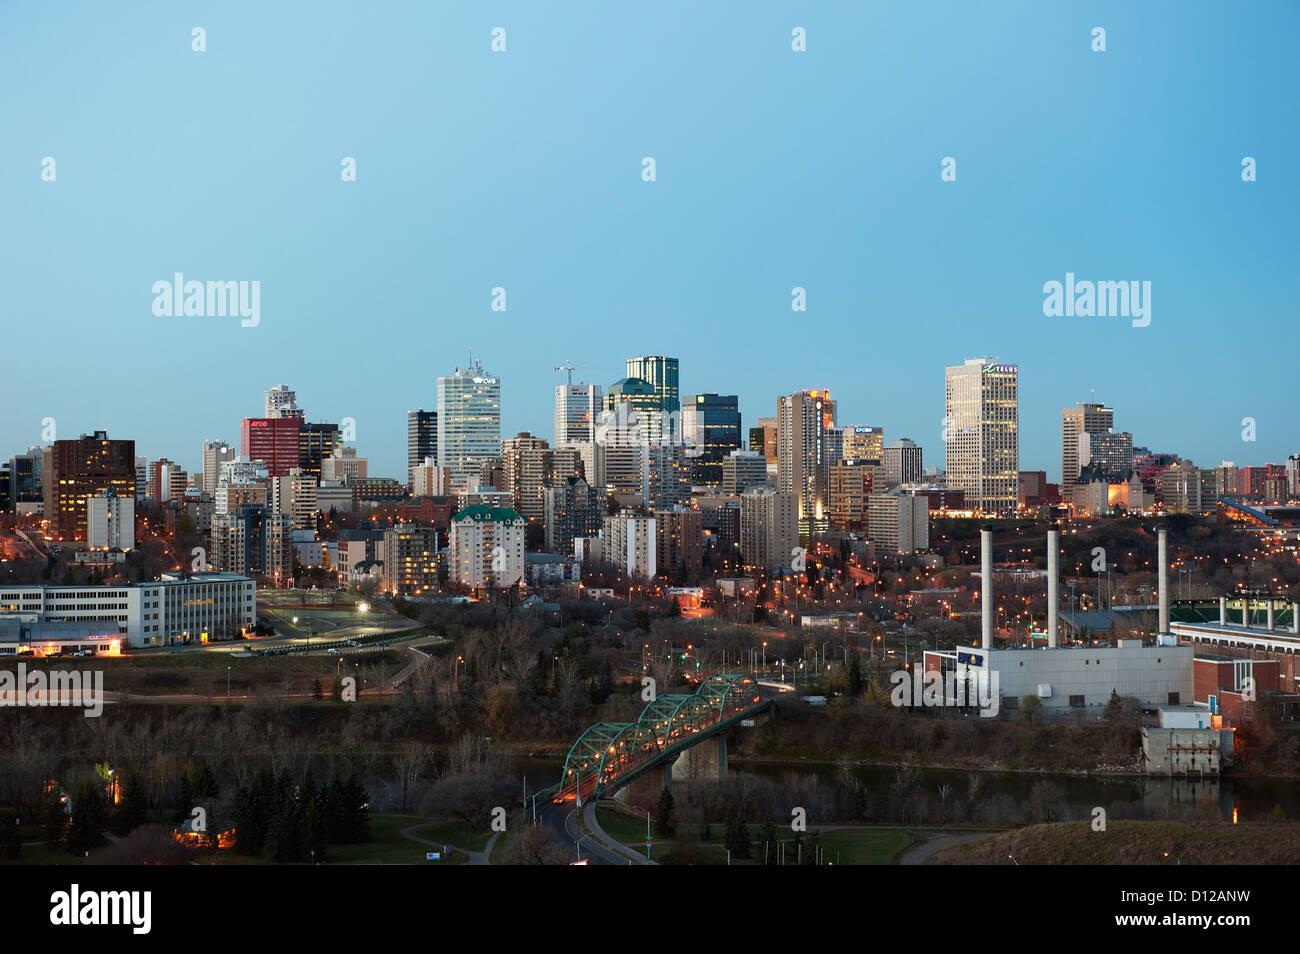 Lichter beleuchten die Walterdale Brücke und Gebäude In Downtown Edmonton; Edmonton Alberta Kanada Stockfoto